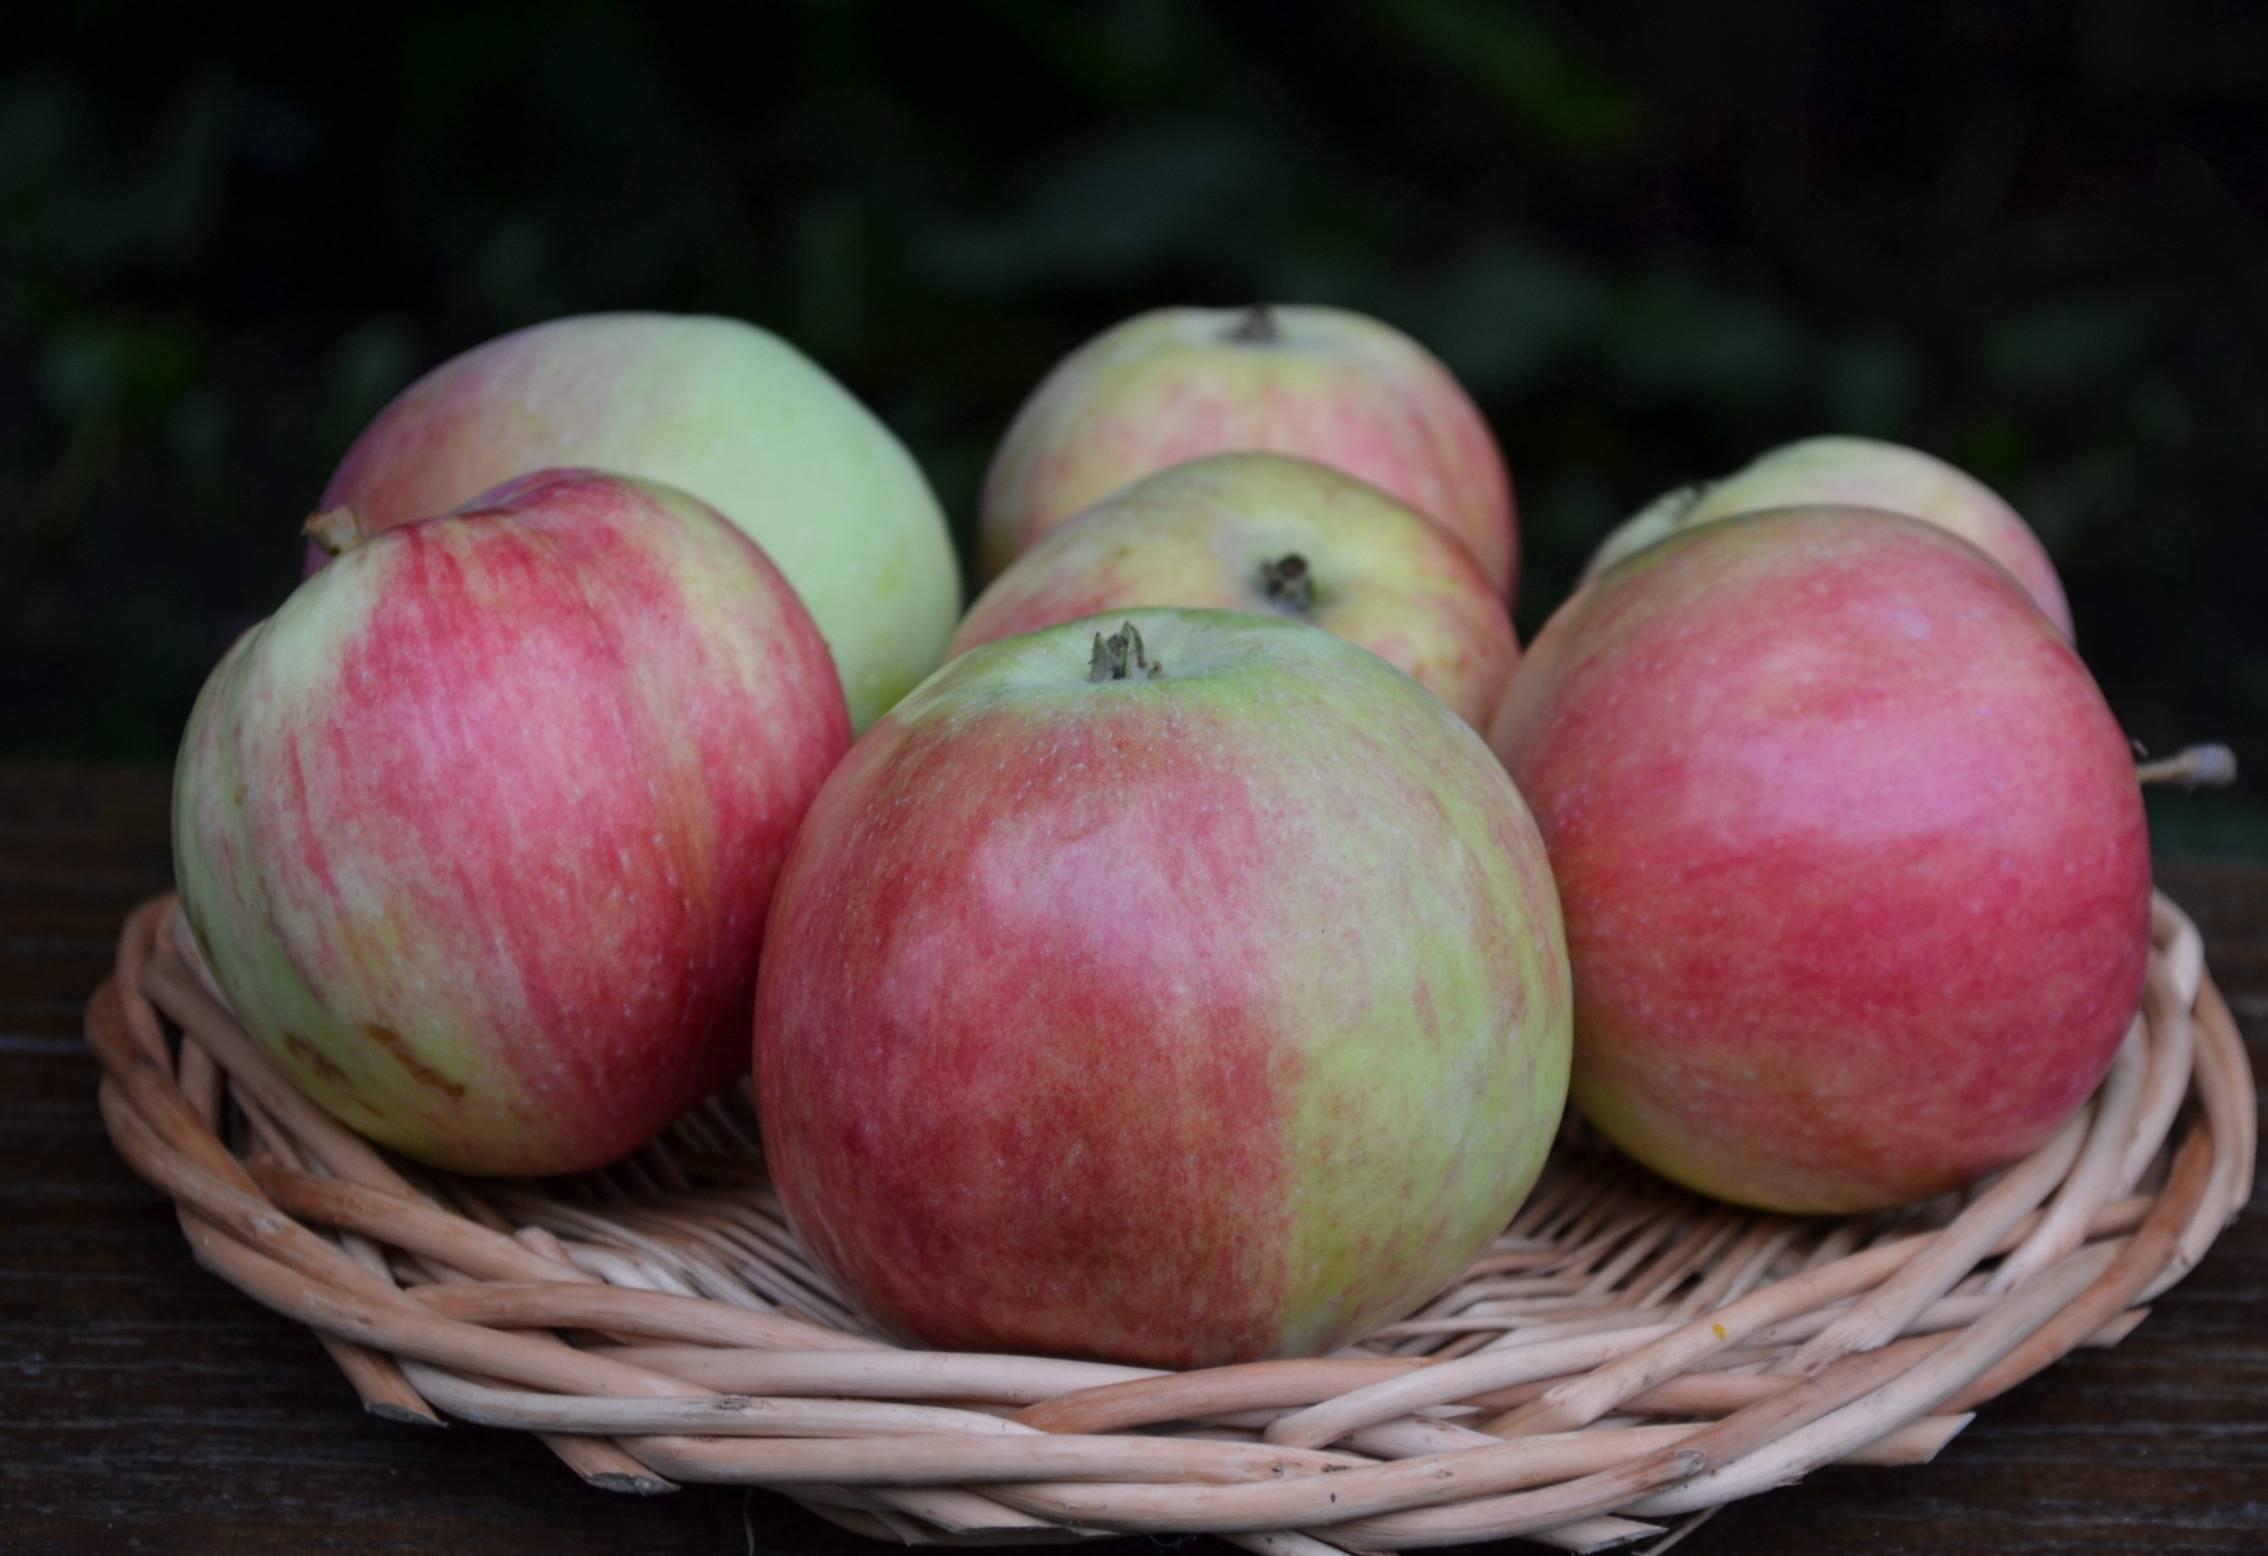 кельтские племена, яблоня башкирский красавец фото описание тебя